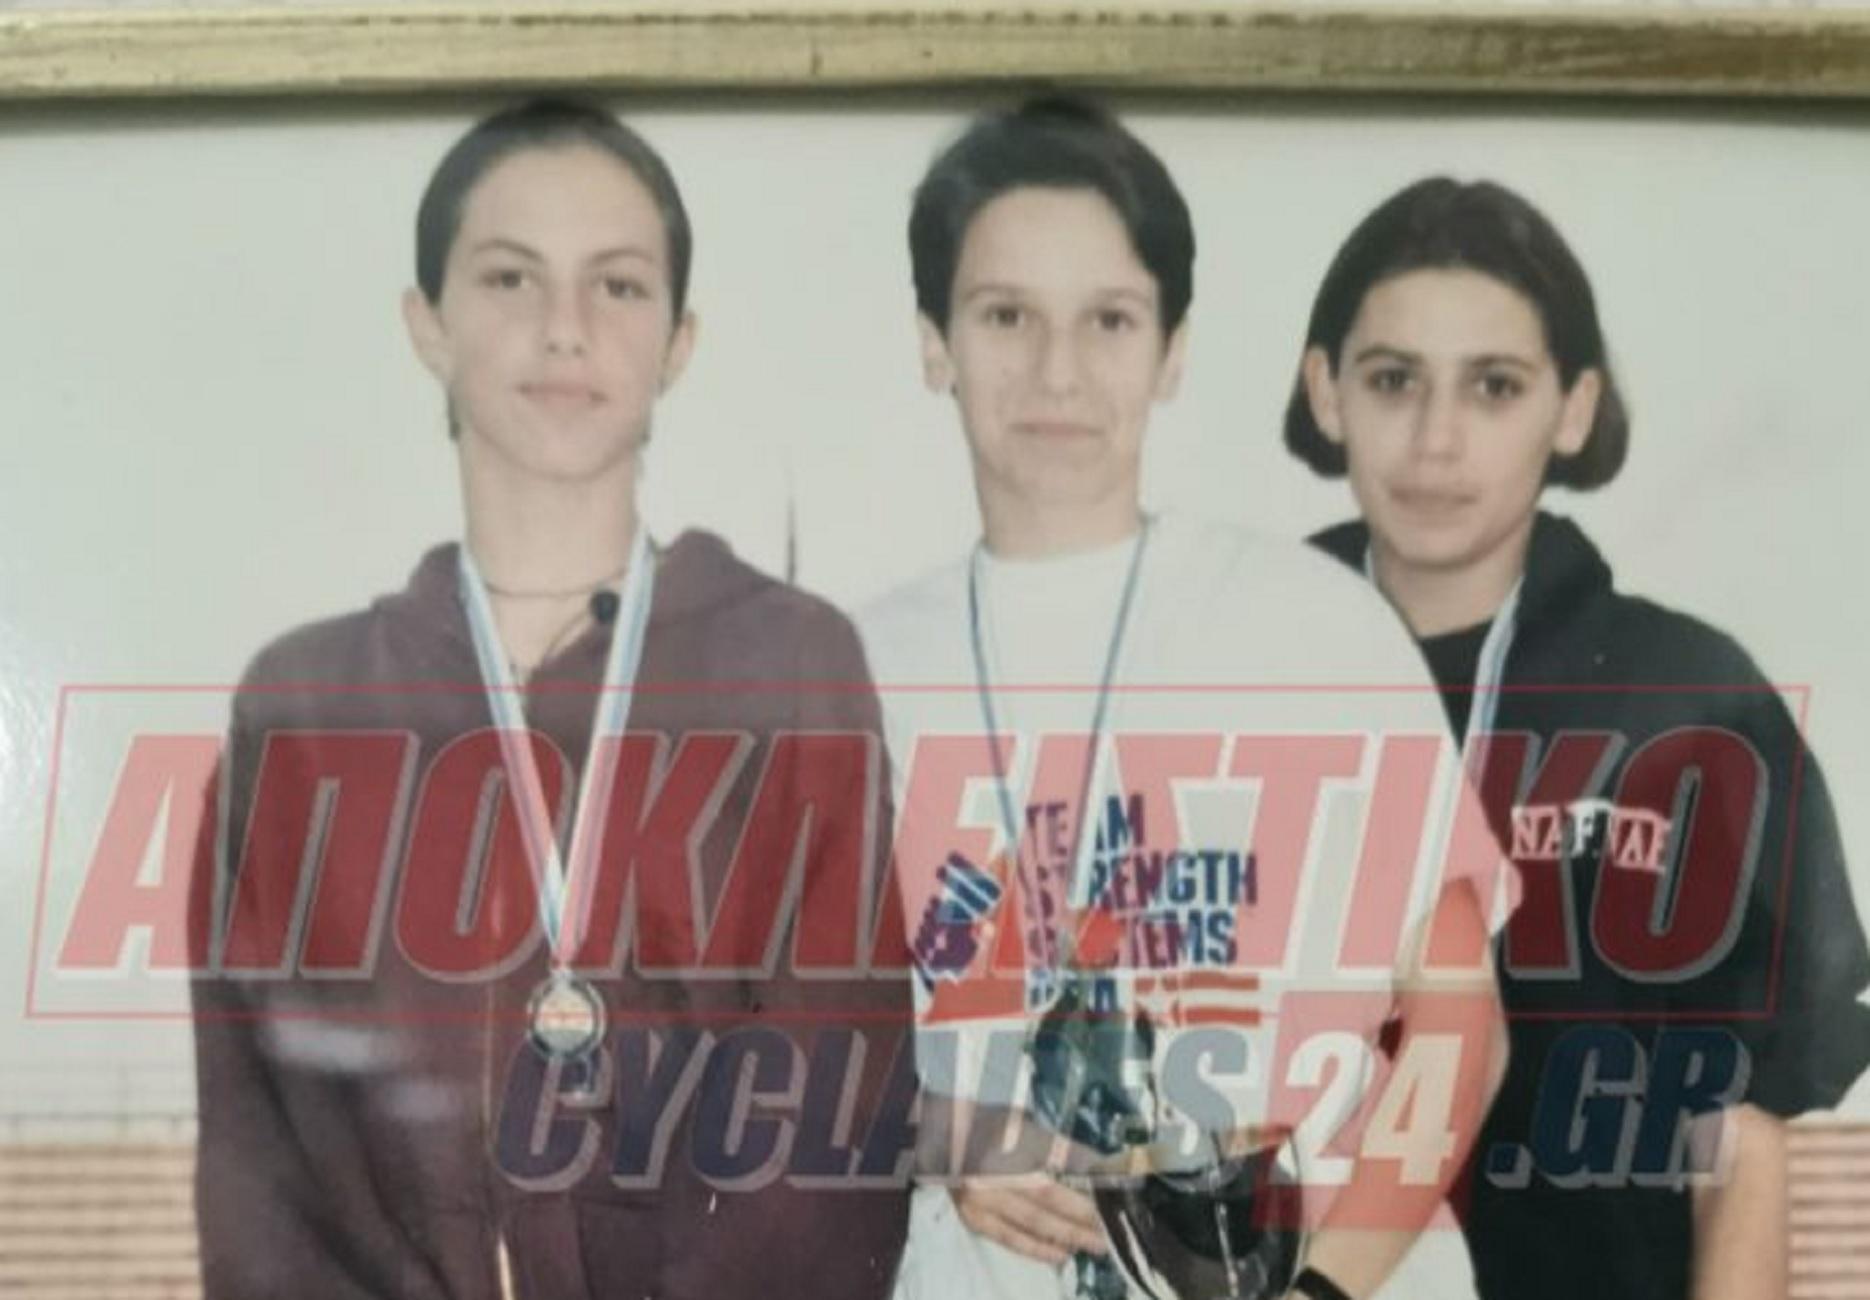 Σύρος: Αγνώριστη η Ντορέττα Παπαδημητρίου στα 17 της χρόνια – Το μετάλλιο που είχε κερδίσει